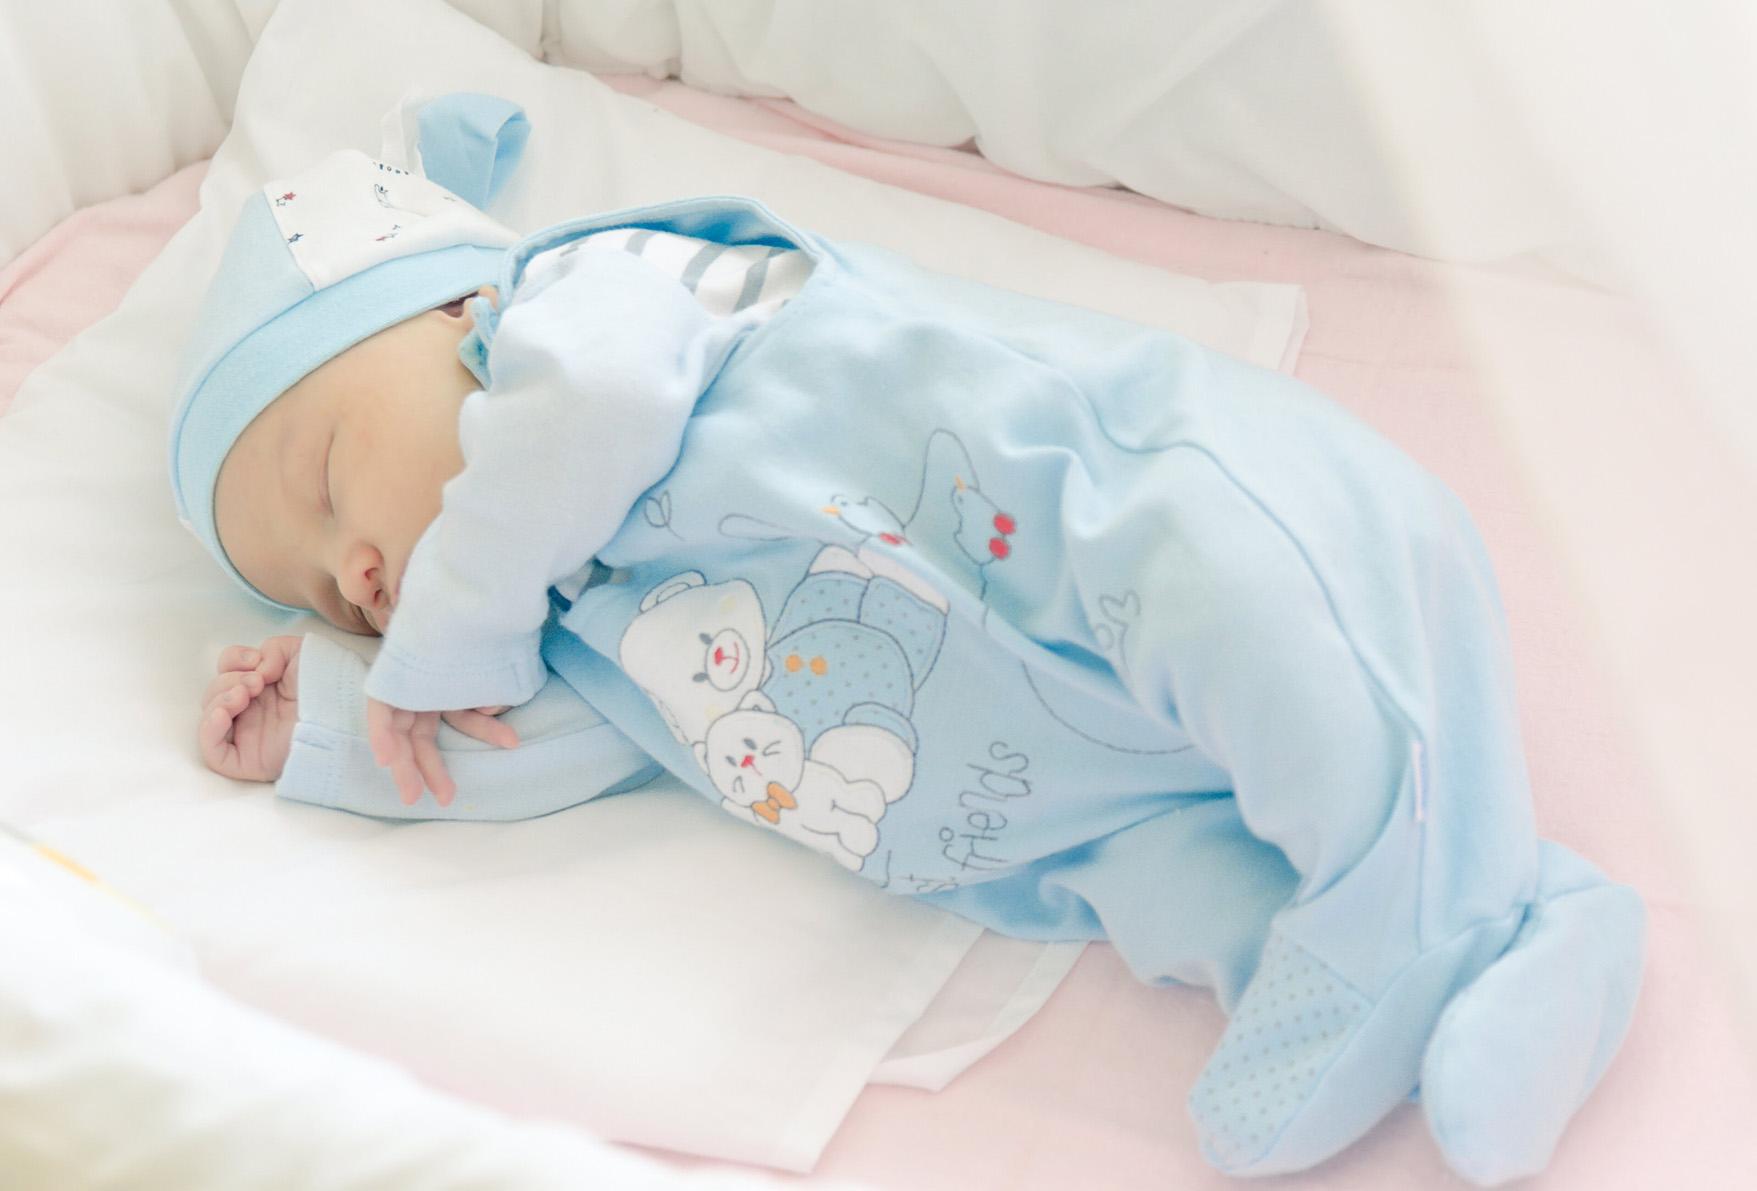 Как одевать новорожденного во время посещения поликлиники